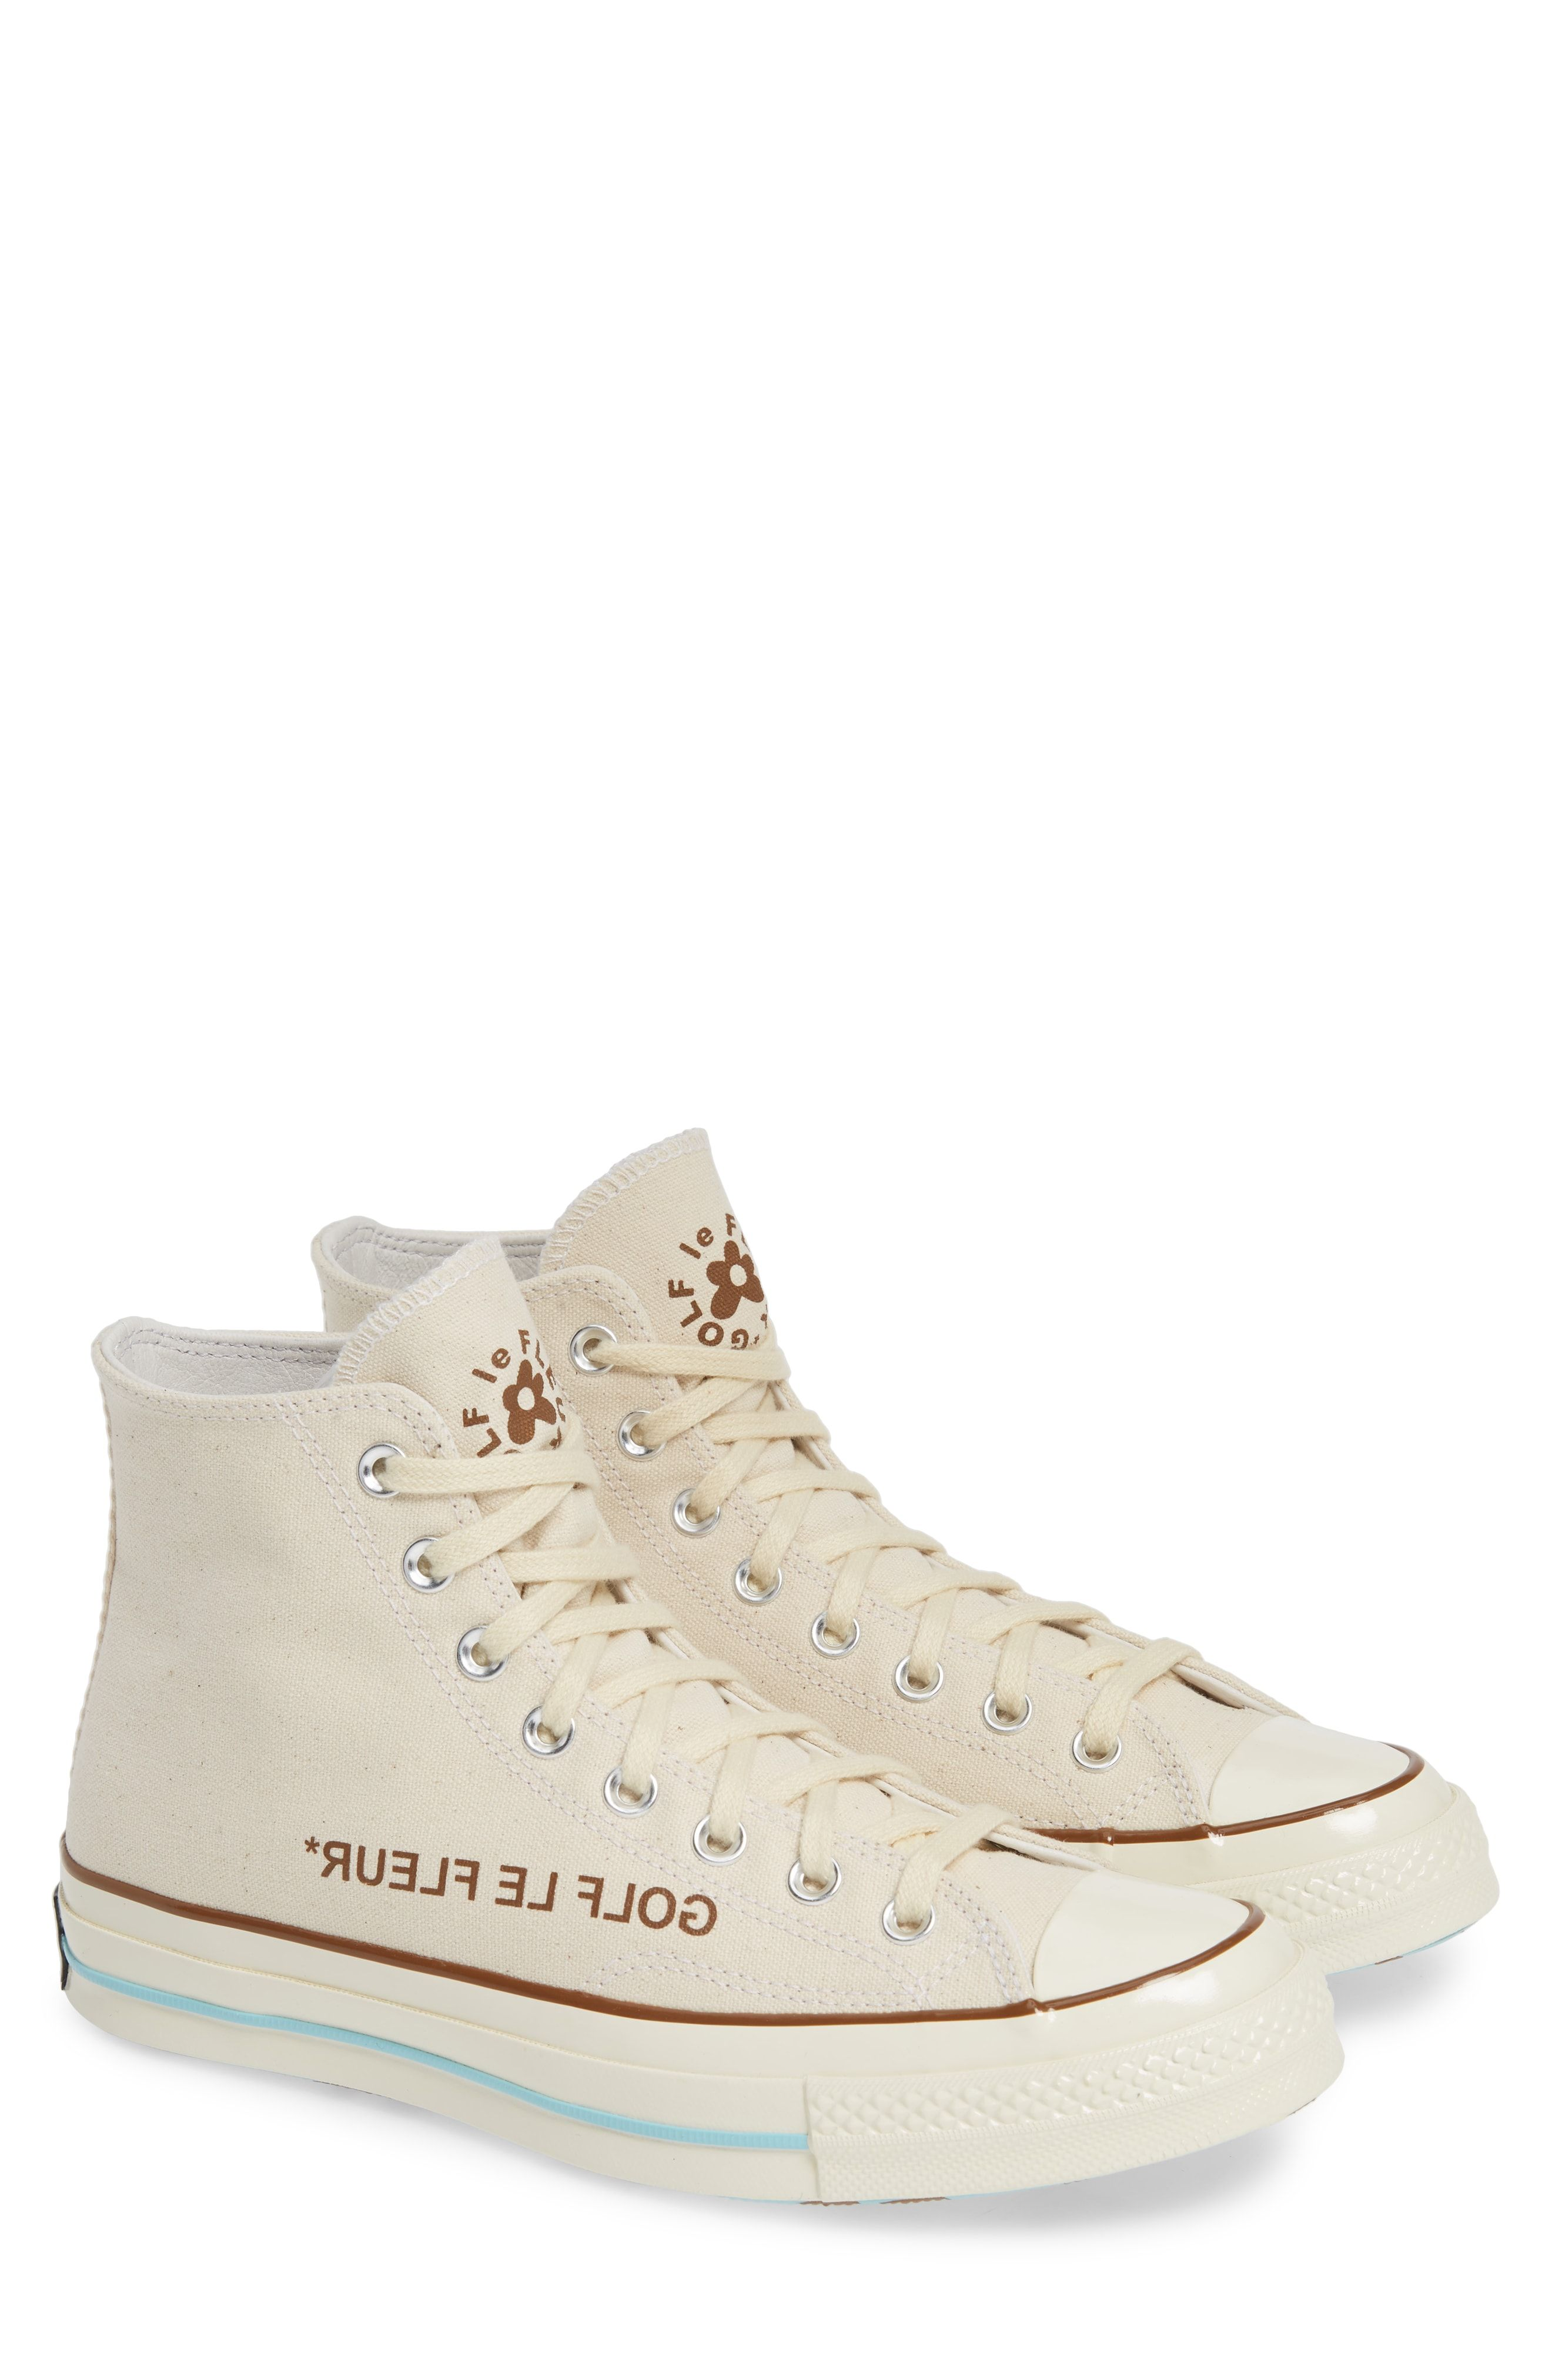 Converse X Golf Le Fleur Chuck 70 High Top Sneaker In Parchment Egret Black Canvas Modesens Sneakers Converse High Top Sneakers